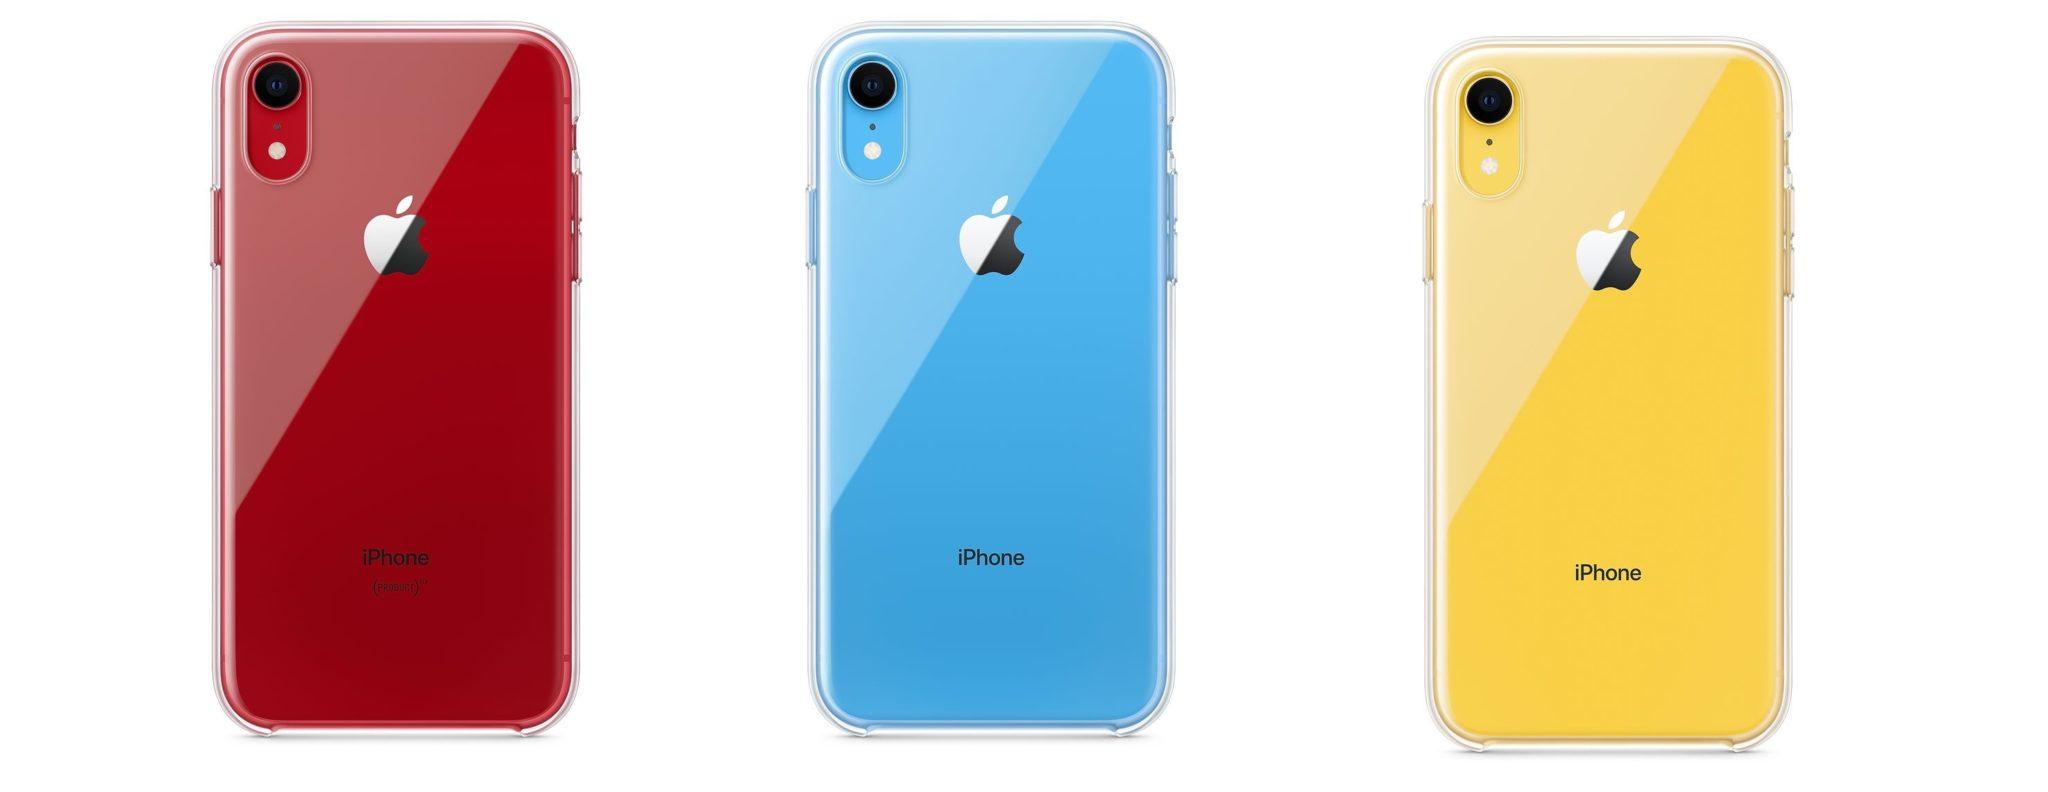 iphonexr clear case colors - Apple konečne začal predávať oficiálny obal pre iPhone XR